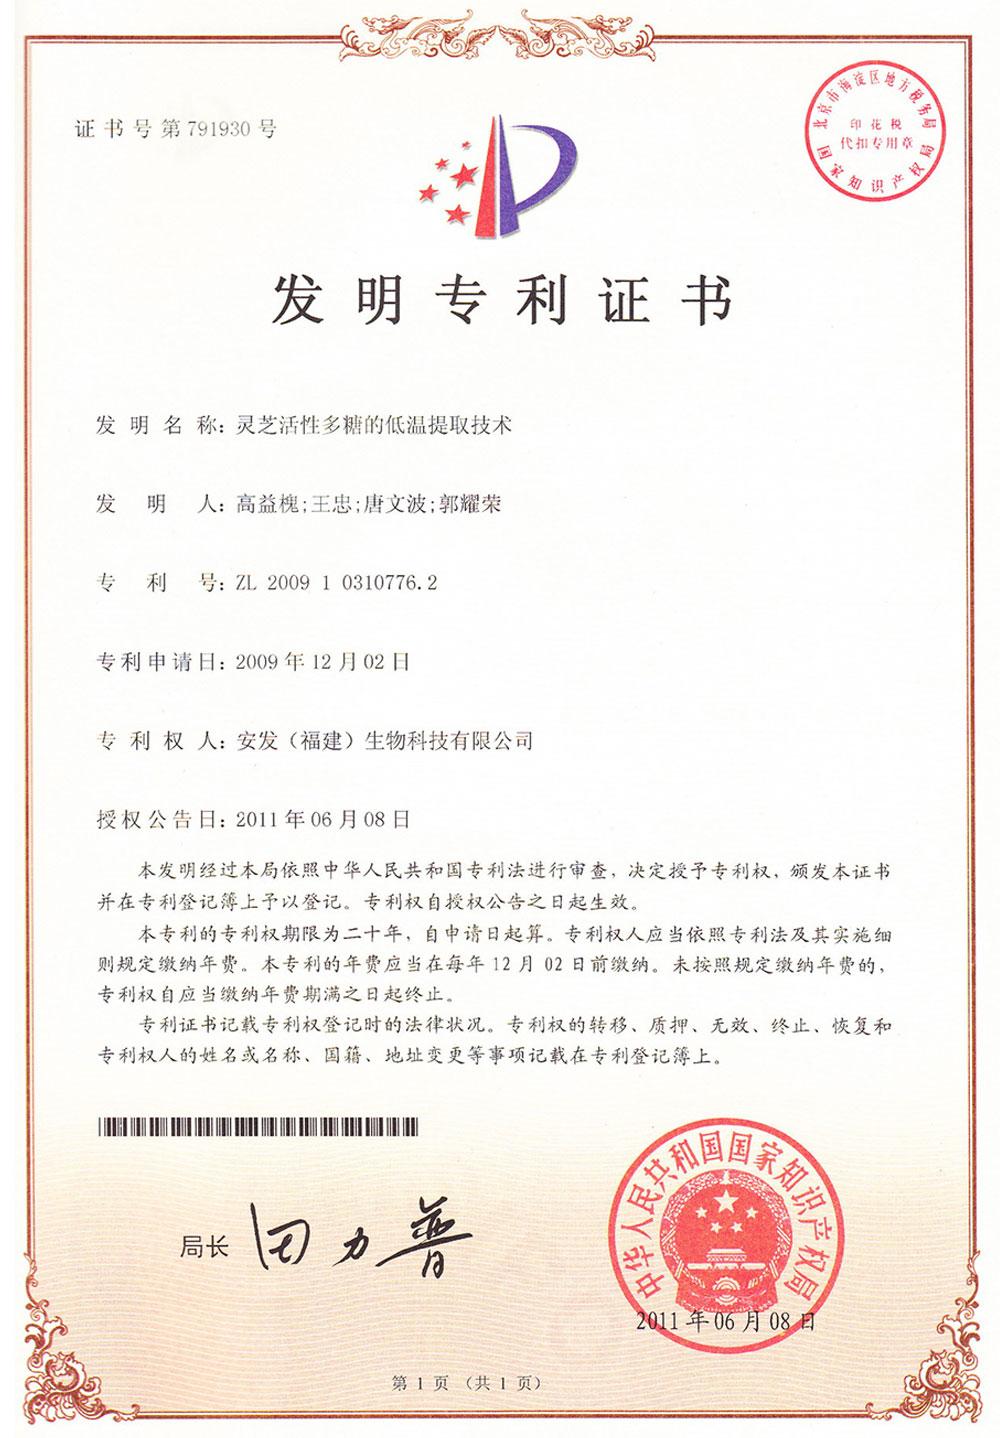 灵芝活性多糖的低温提取技术(中国)